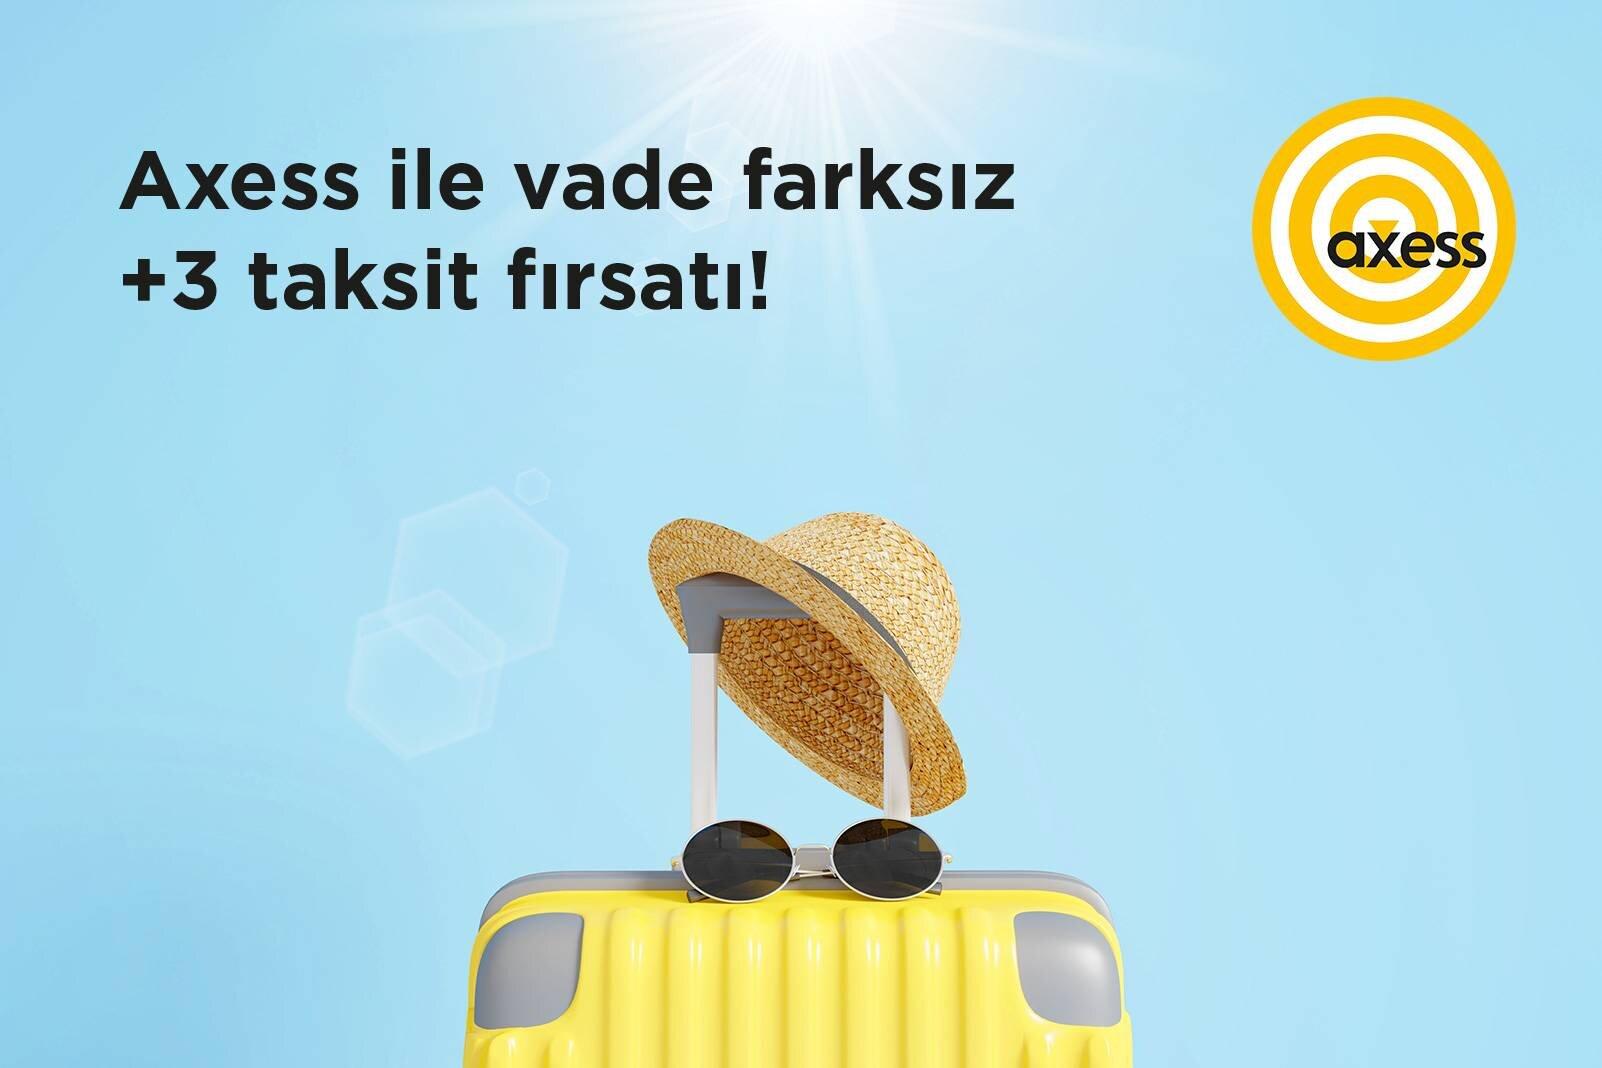 Axess ile Tursab'da vade farksız +3 taksit fırsatı!